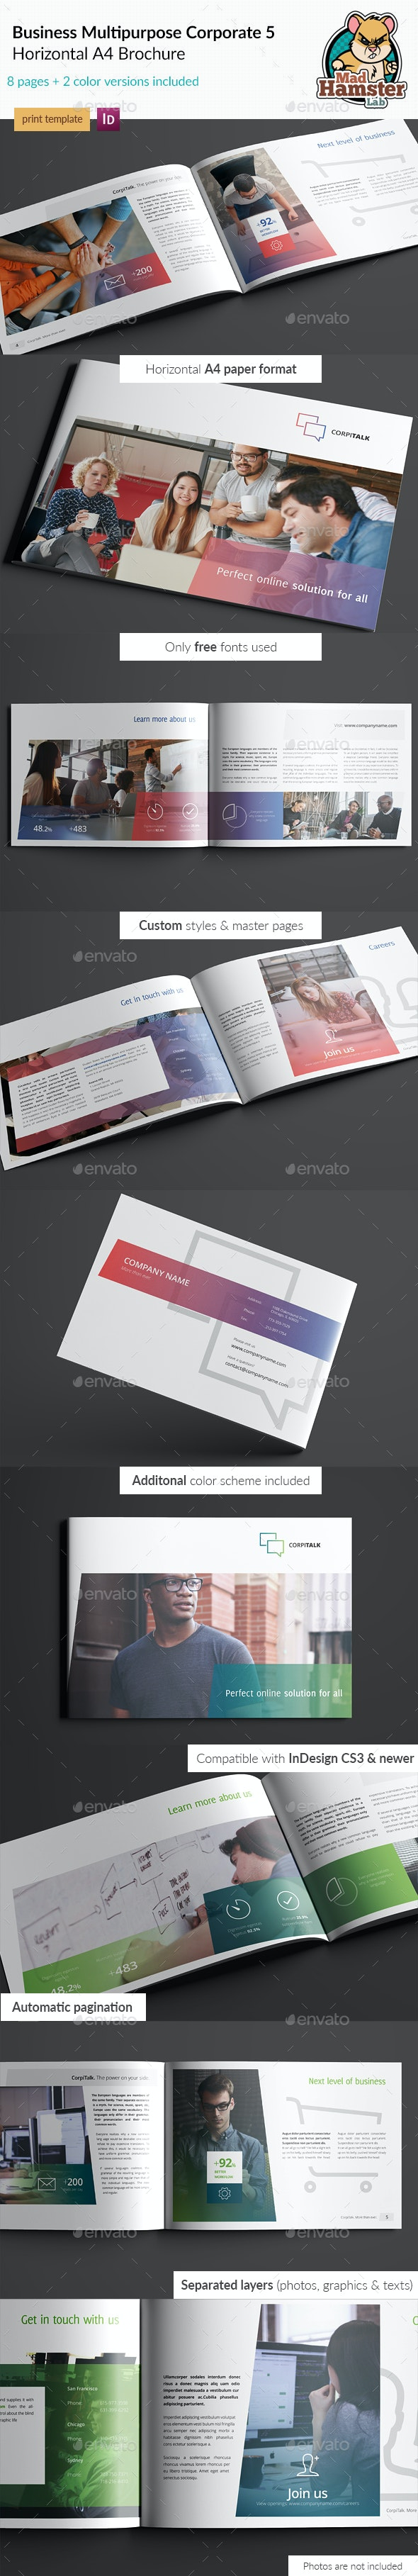 Business / Corporate Multi-purpose A4 Brochure 5 - Corporate Brochures